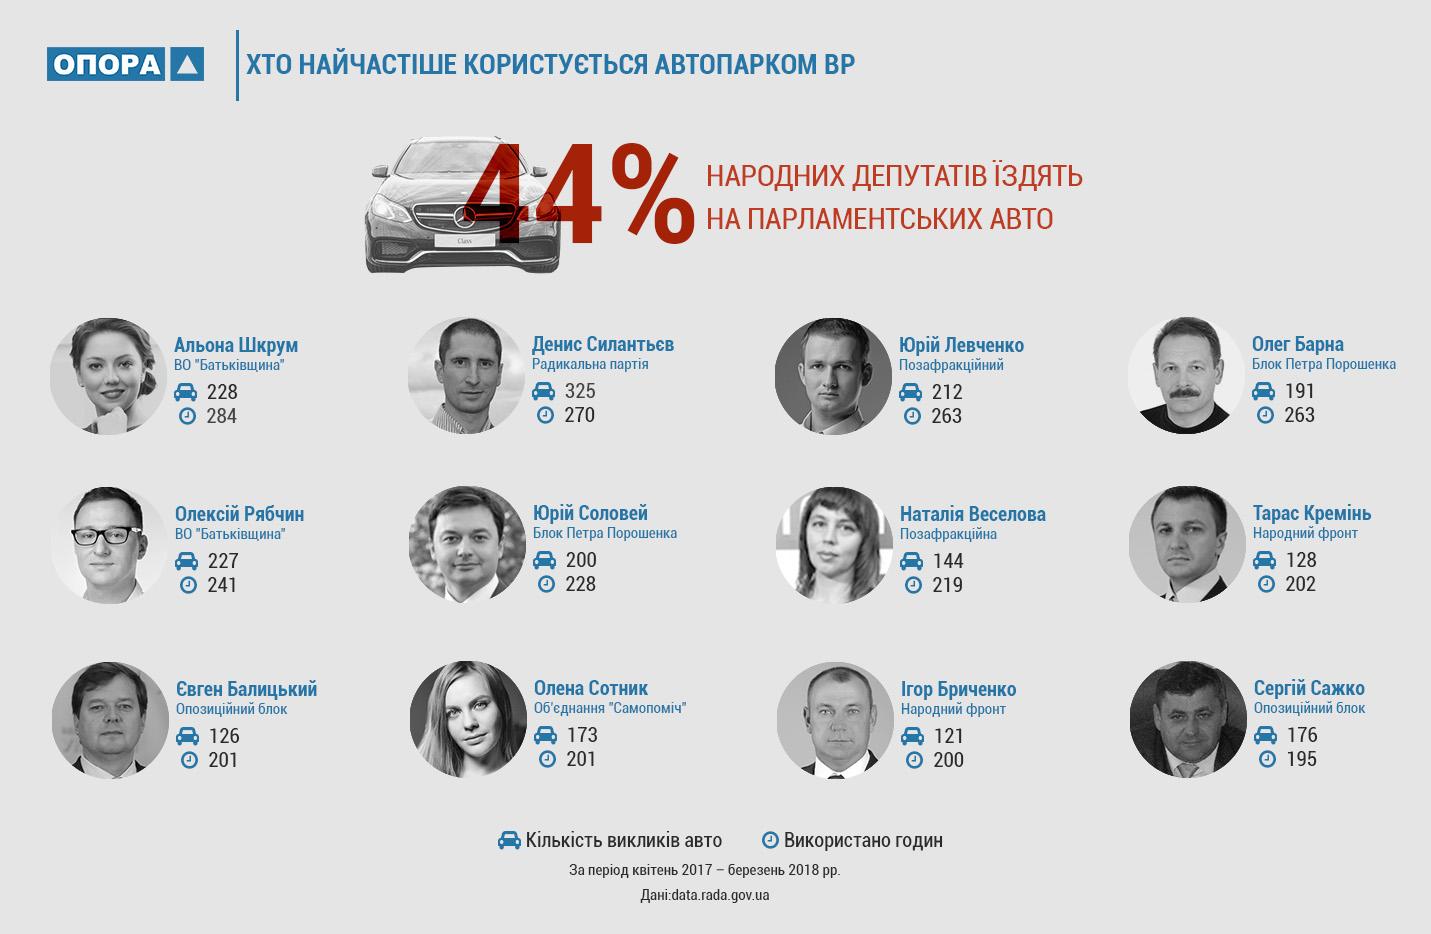 Барна та Соловей серед списку депутатів найчастіших користувачів автопарку ВРУ